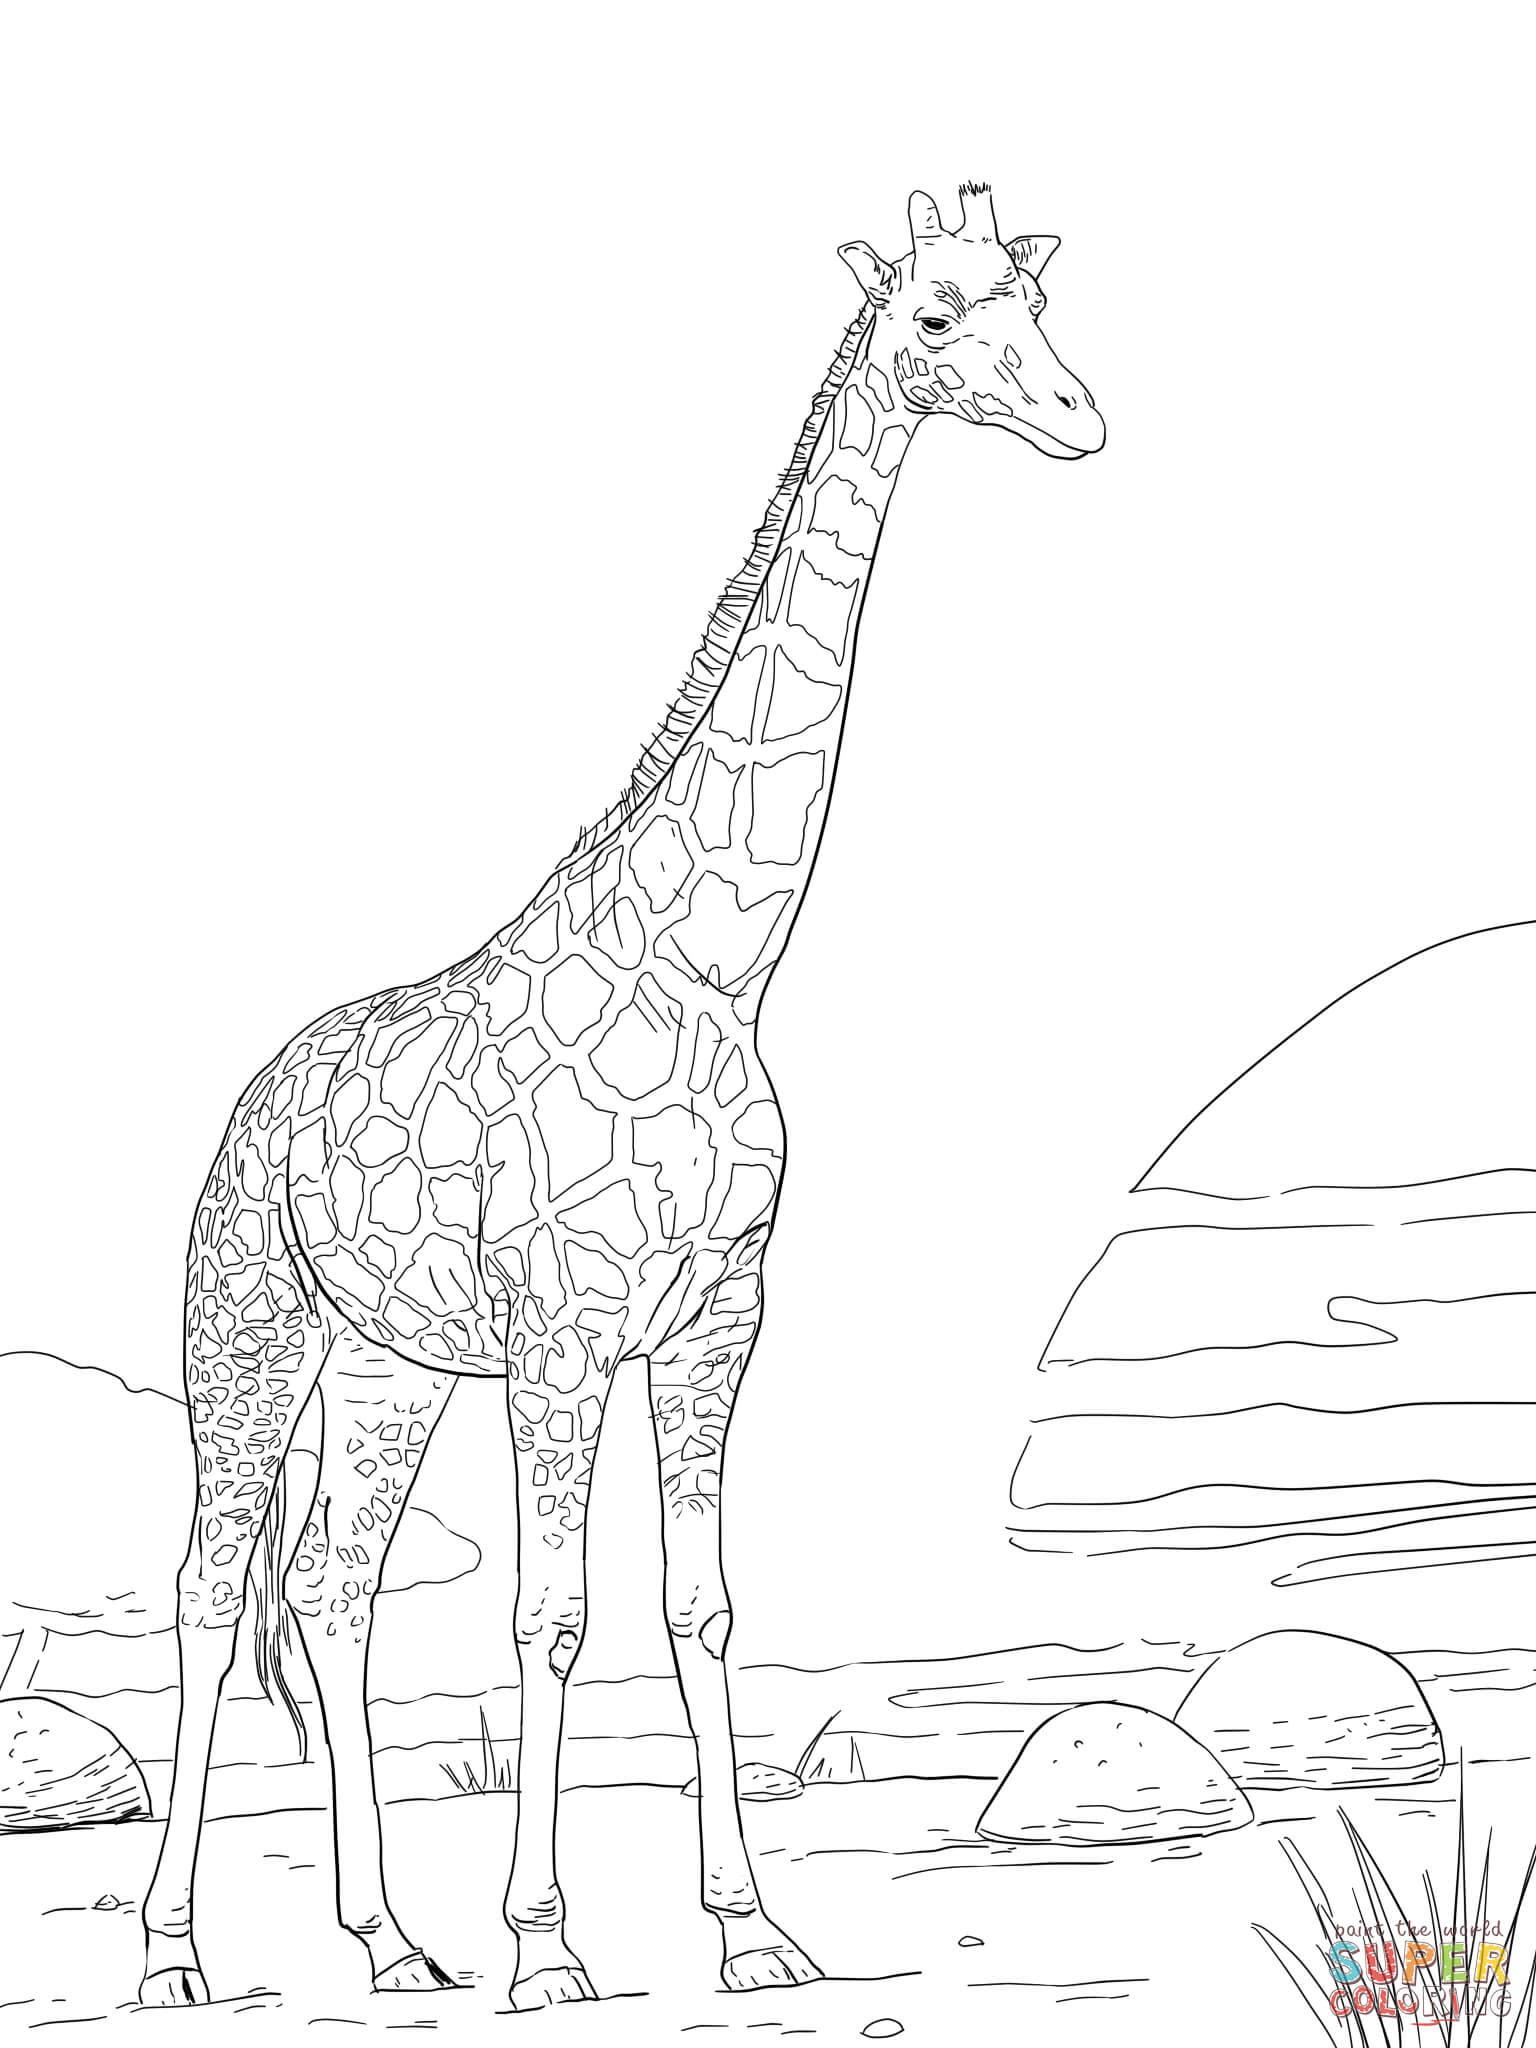 er sur la Girafe de Rothschild coloriages pour visualiser la version imprimable ou colorier en ligne patible avec les tablettes iPad et Android